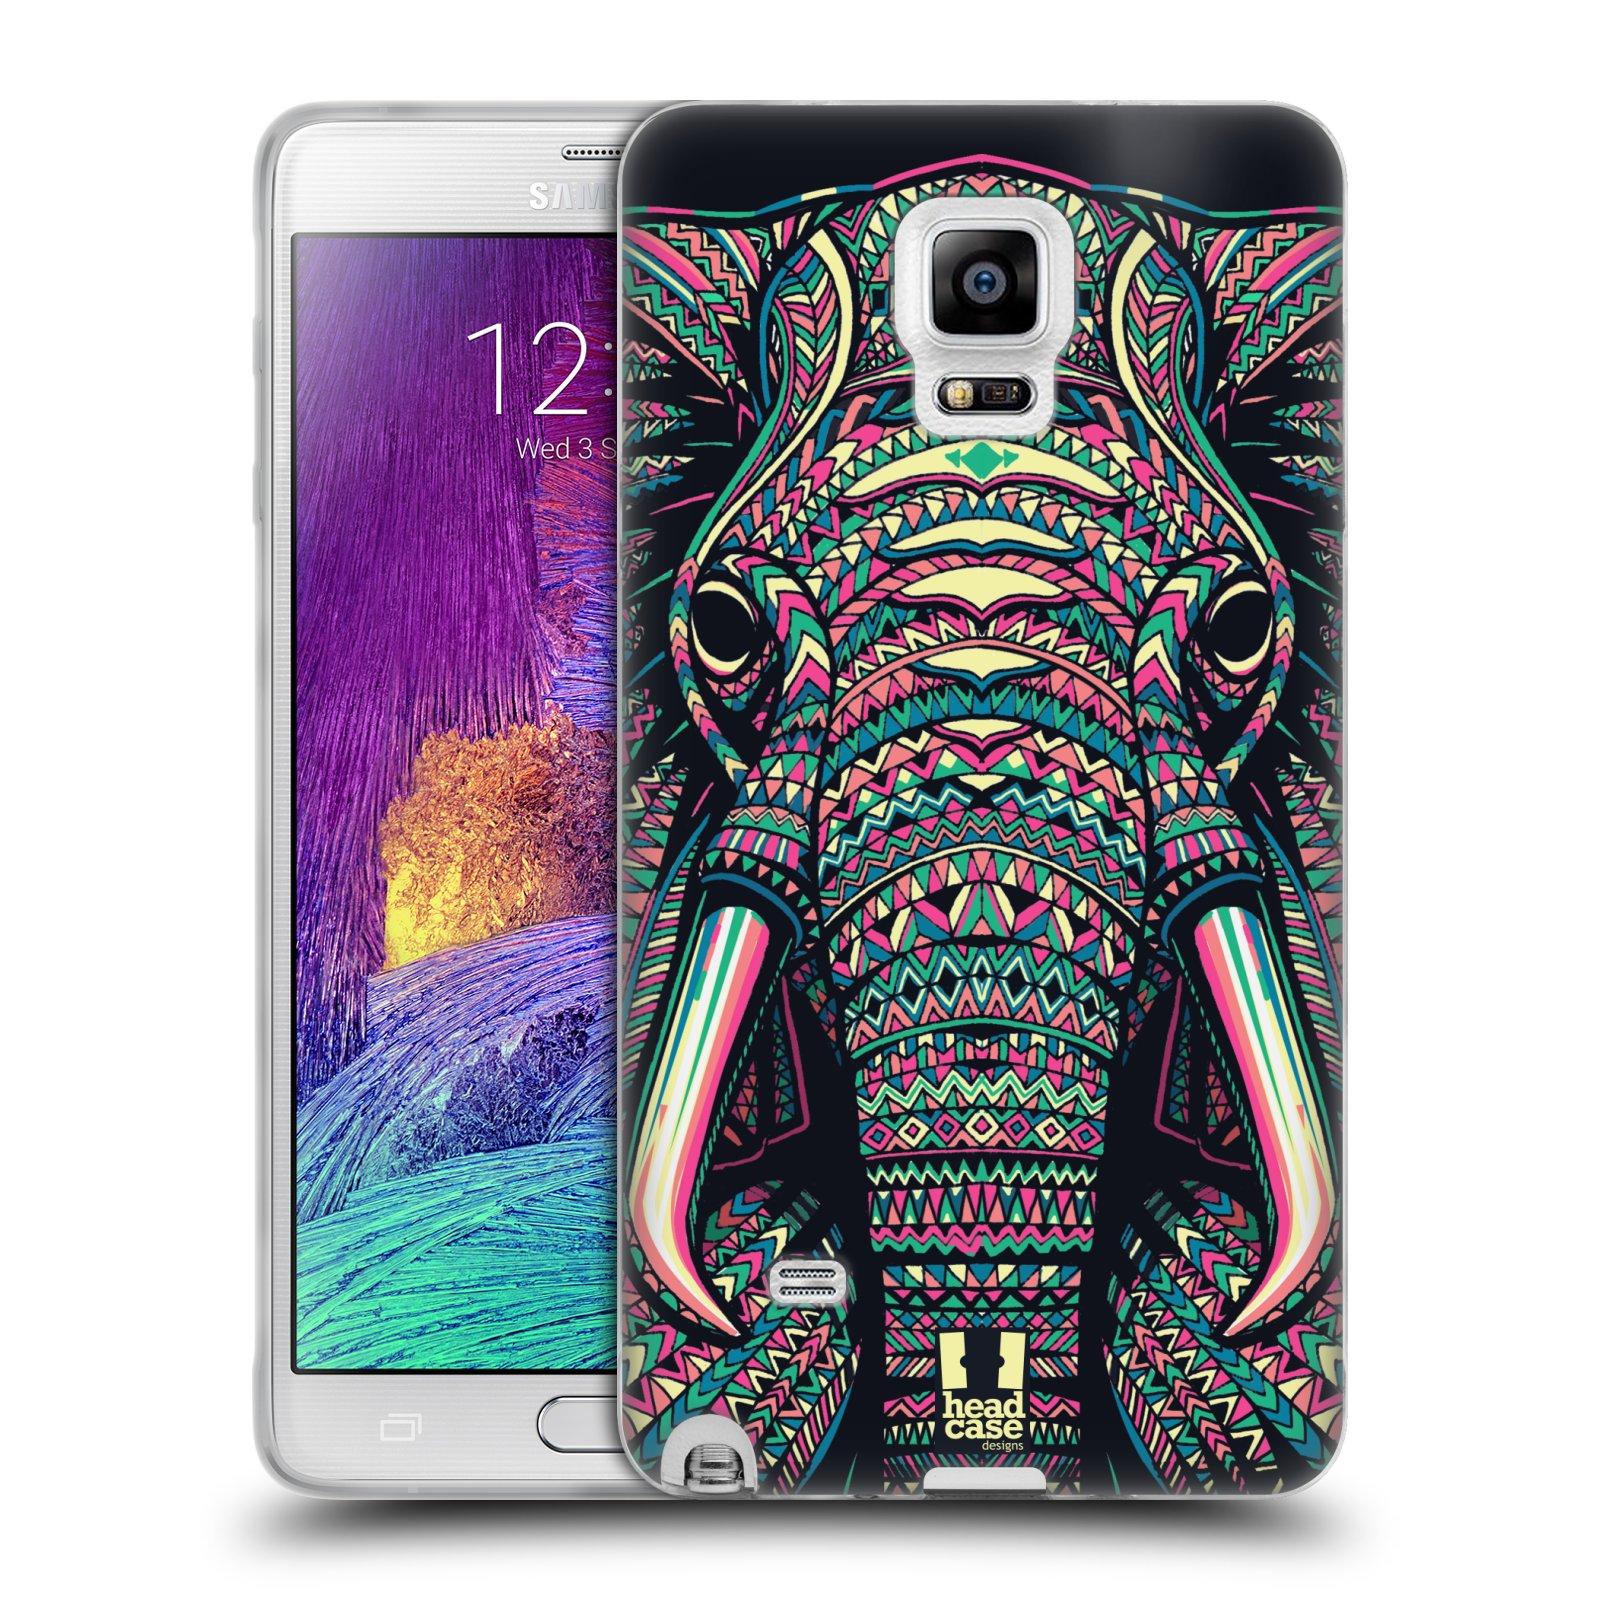 Silikonové pouzdro na mobil Samsung Galaxy Note 4 HEAD CASE AZTEC SLON (Silikonový kryt či obal na mobilní telefon Samsung Galaxy Note 4 SM-N910F)